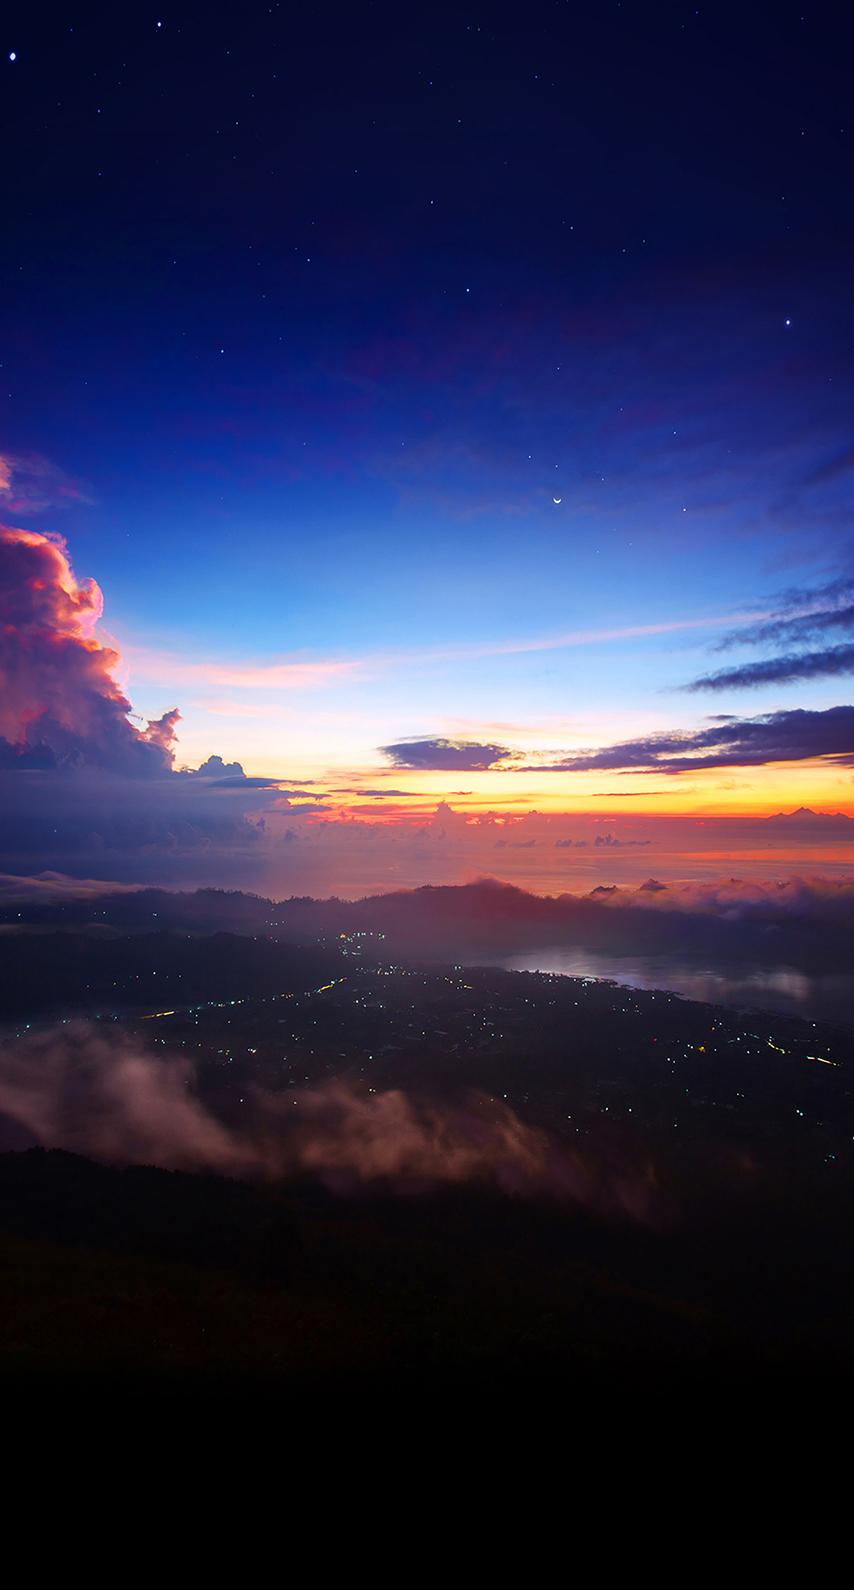 atmosphere, dawn